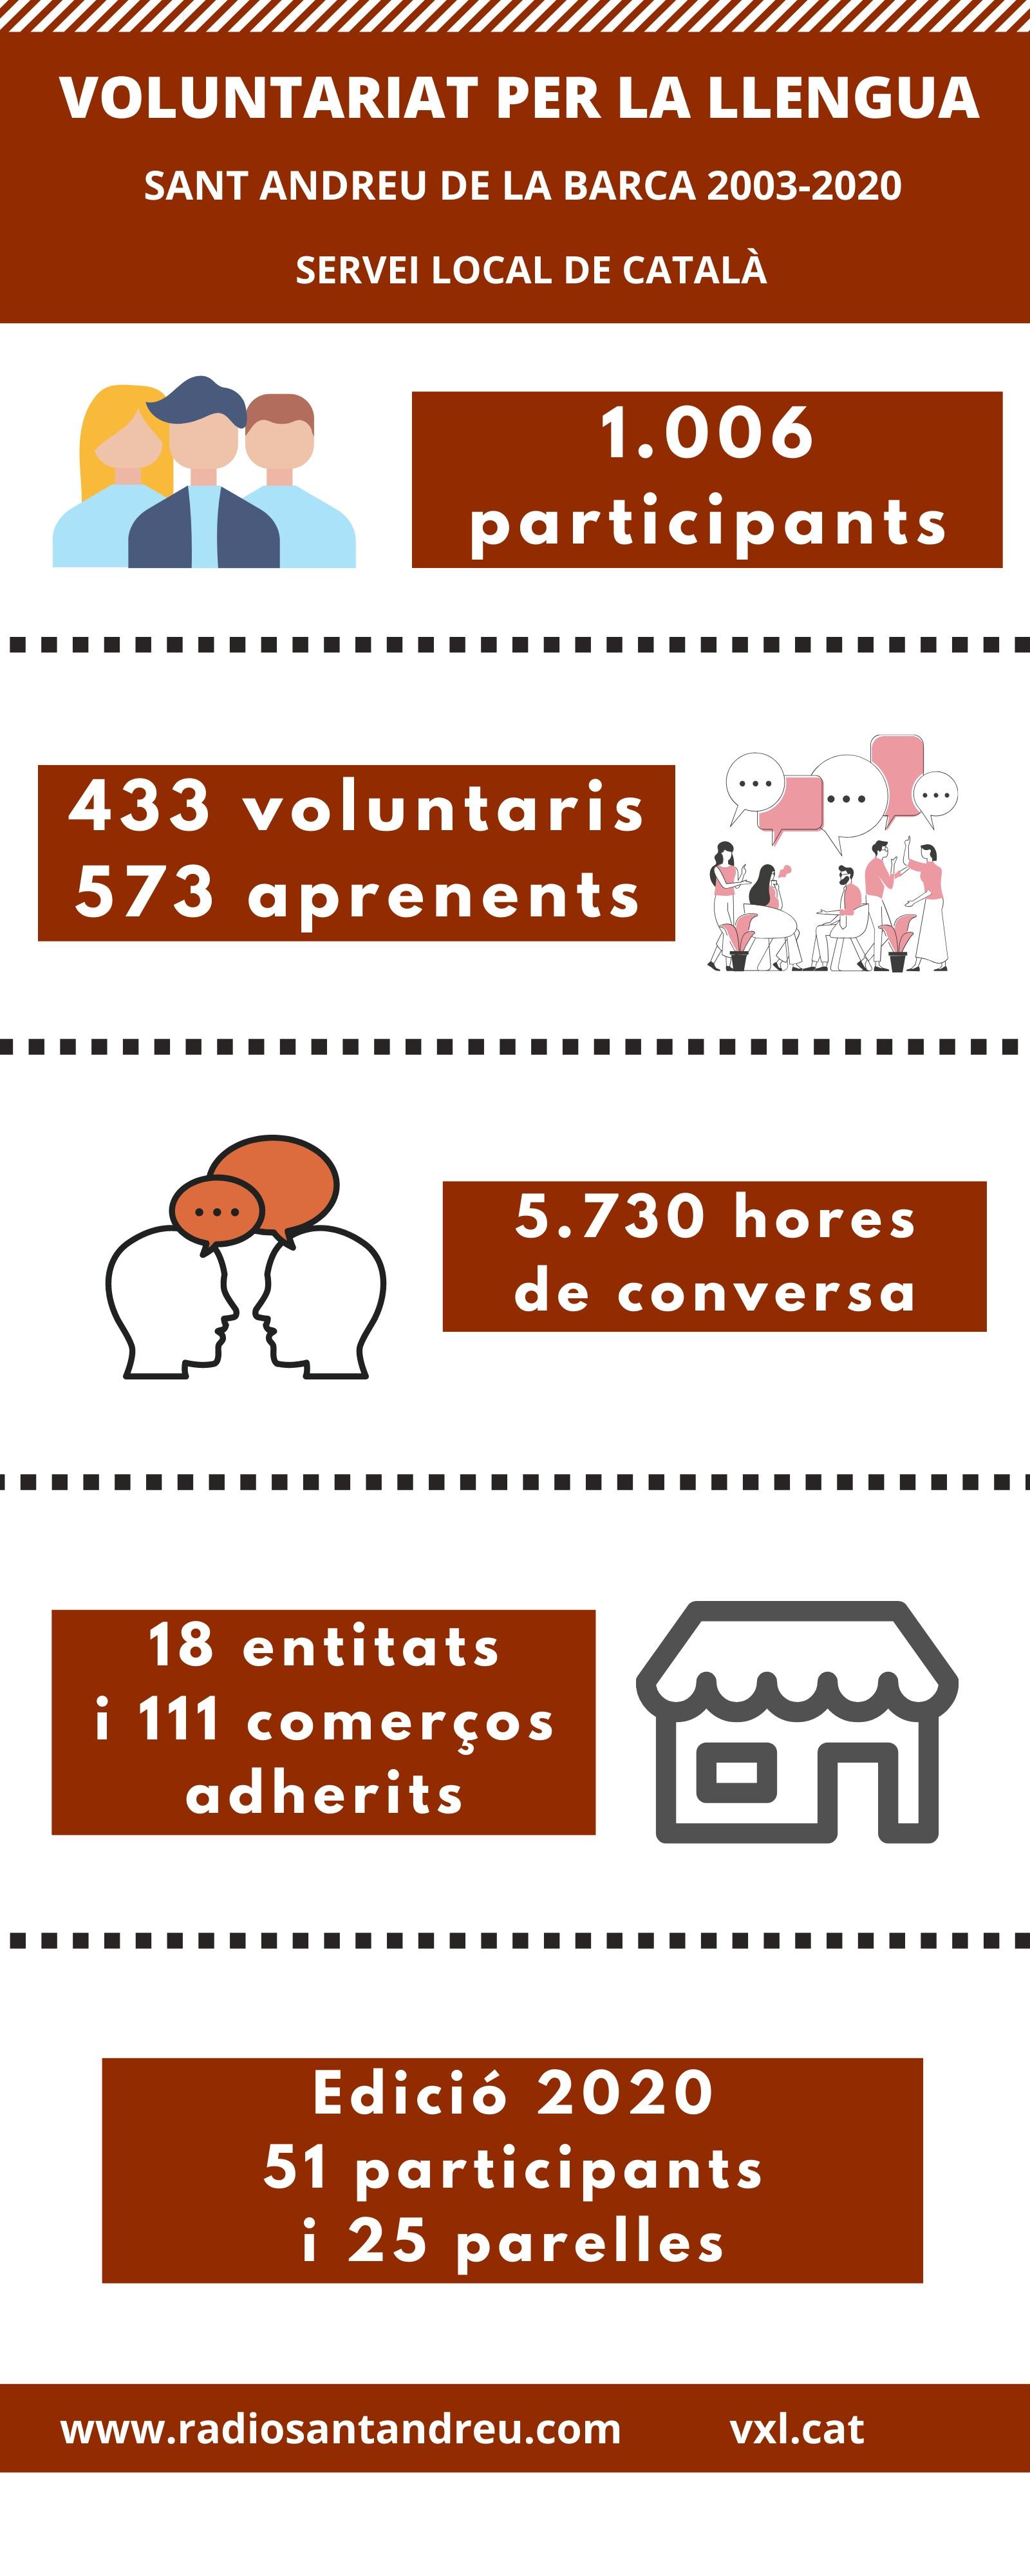 voluntariat per la llengua 2020